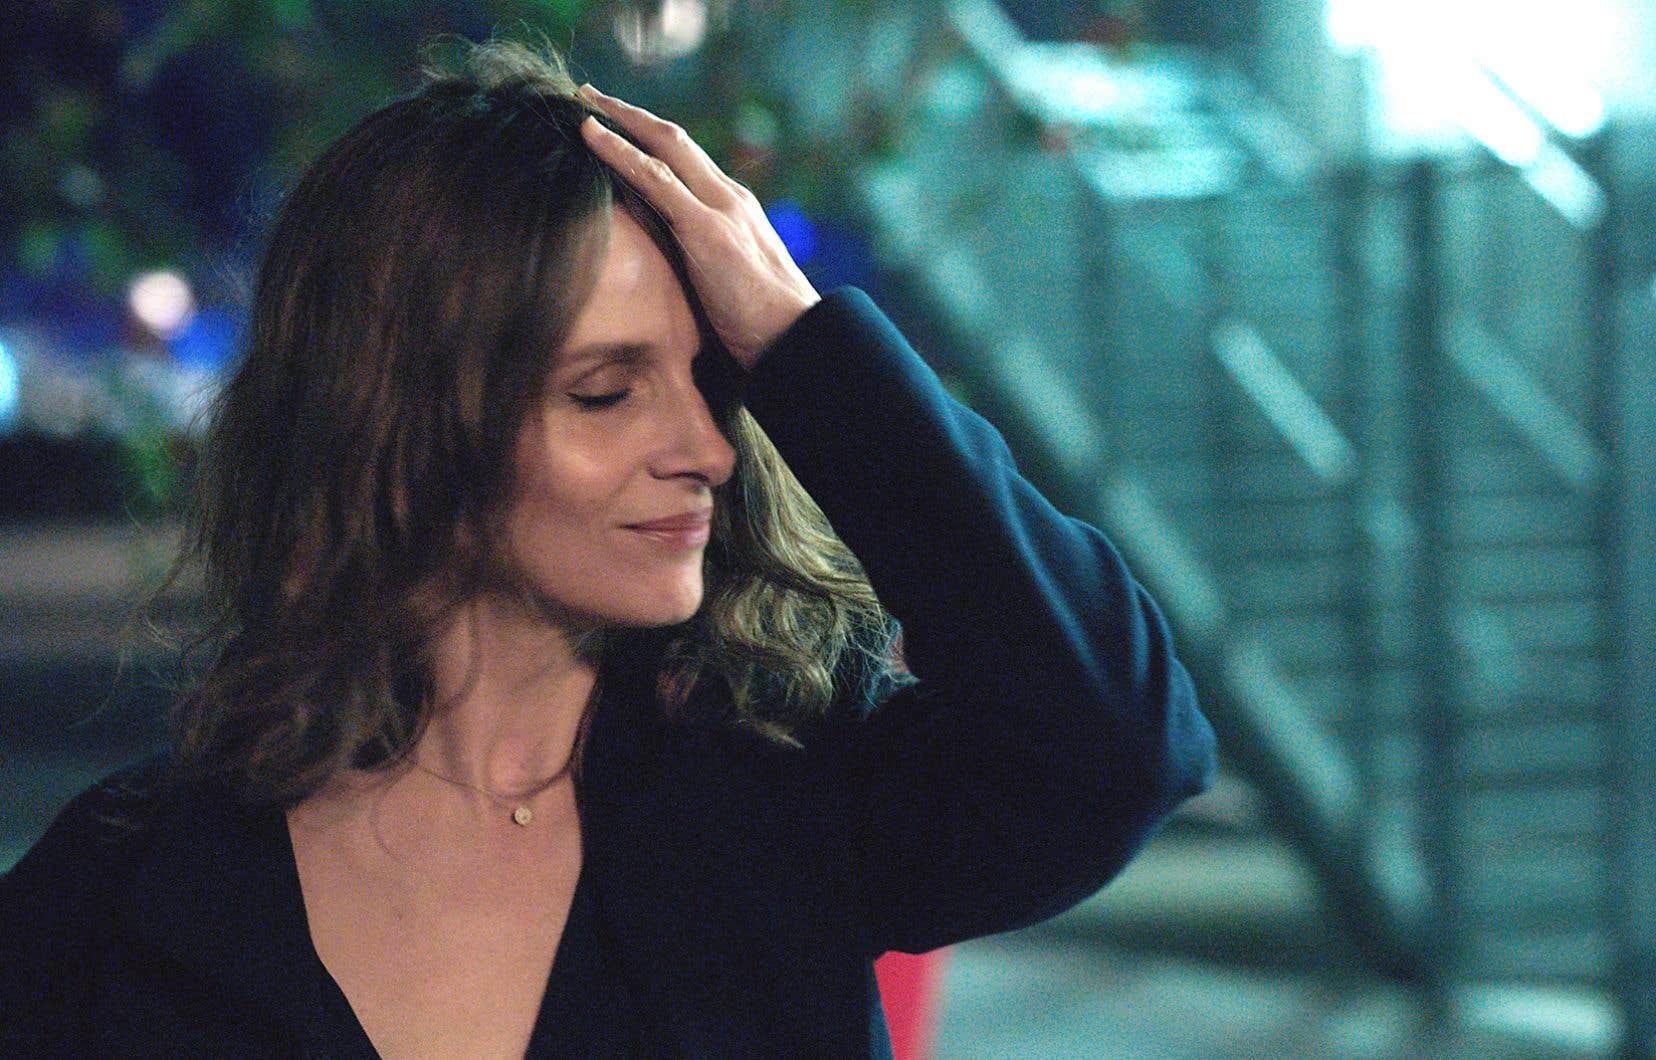 C'est à Juliette Binoche, actrice capable de dissiper d'un rôle à l'autre son aura de star immense, que le cinéaste a demandé d'incarner Claire (et Clara).